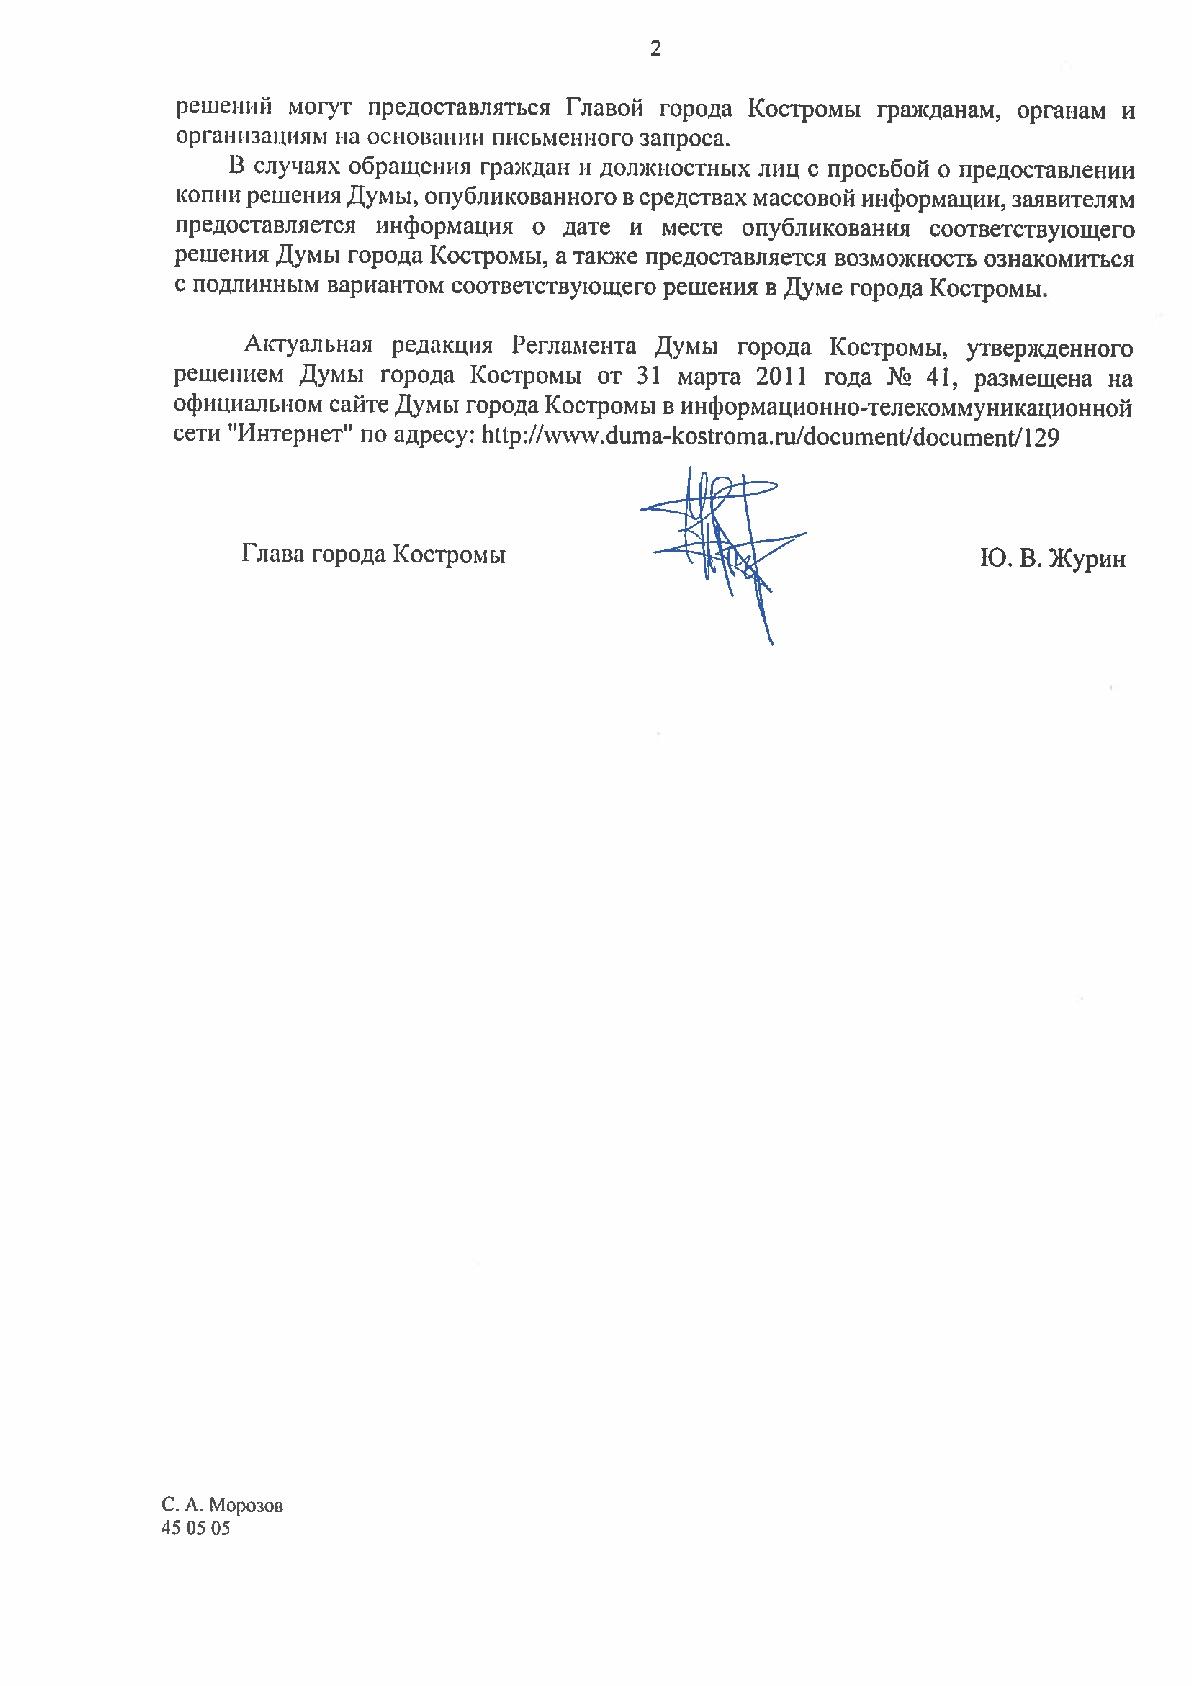 Ответ из Думы города Костромы о посещении депутатами заседаний Стр 2